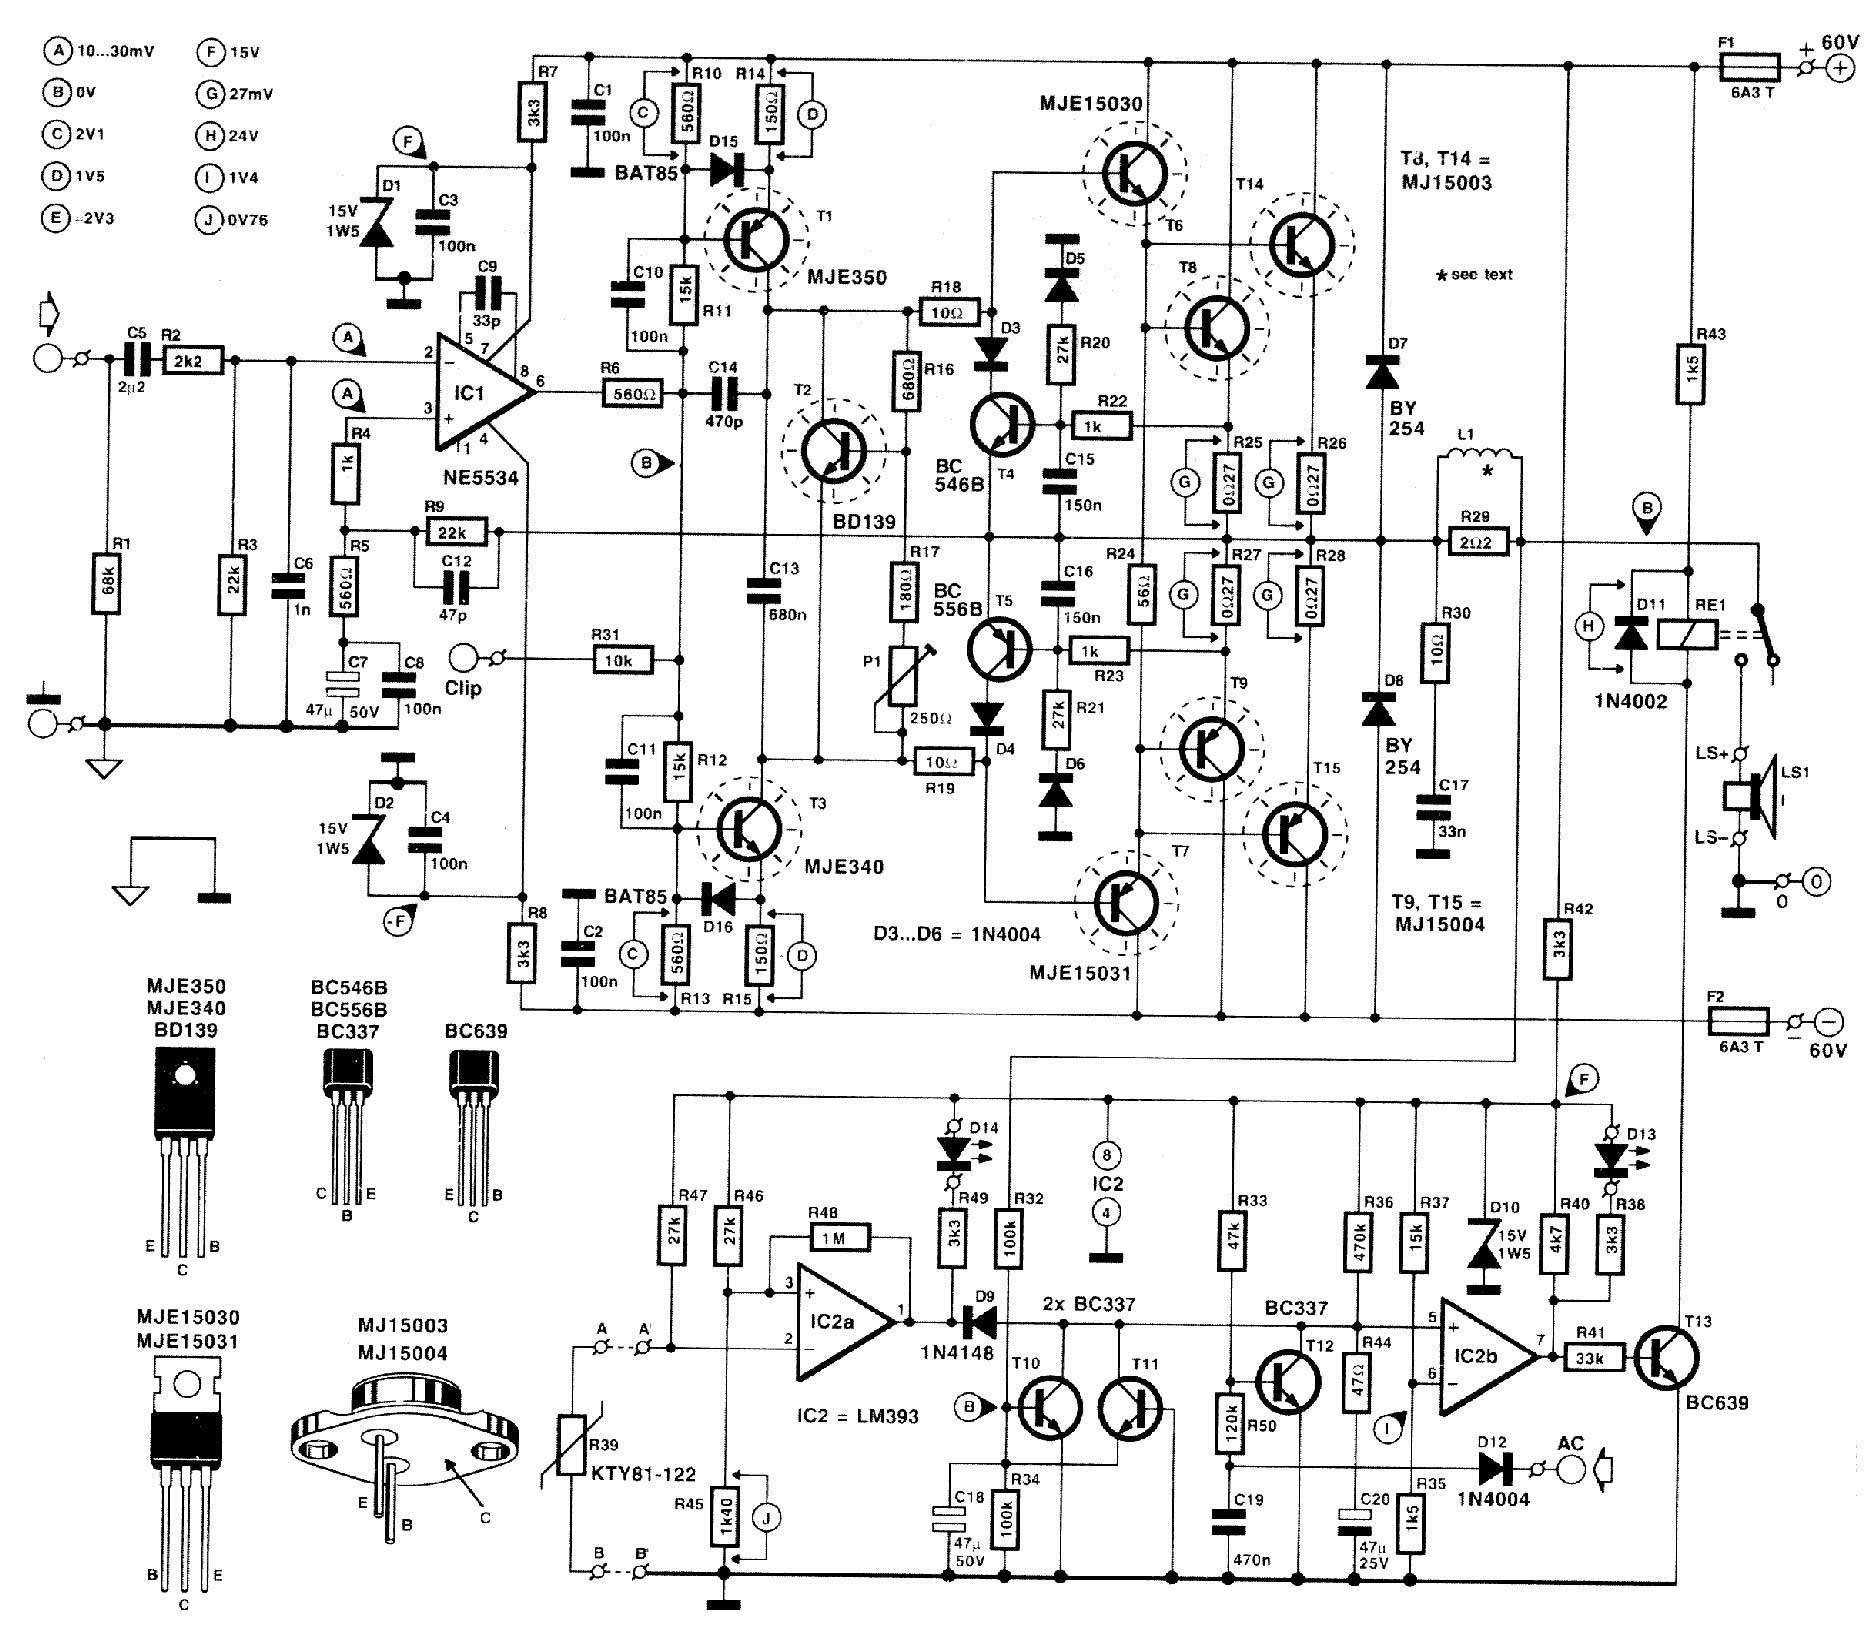 microeduc  projetos de circuitos eletr u00f4nicos did u00e1ticos